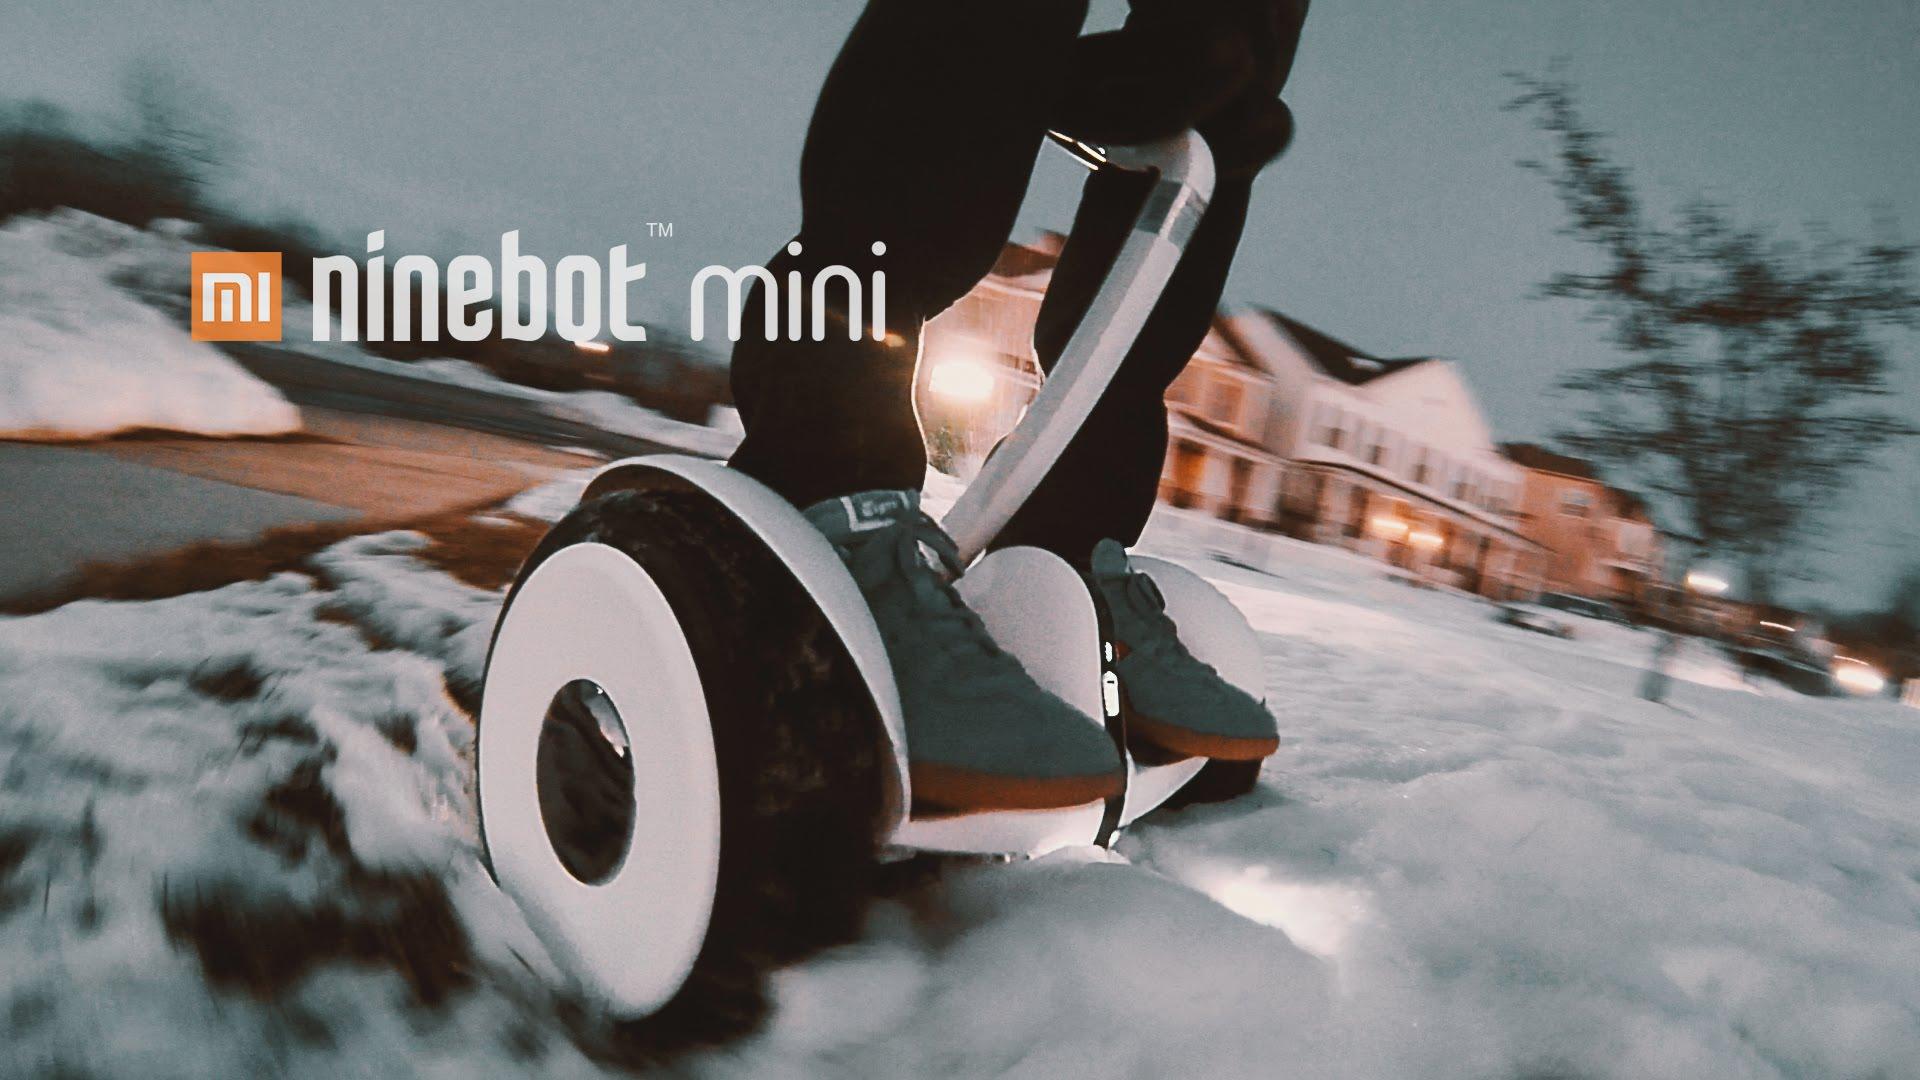 Xiaomi ninebot mini - отличный выбор гироскутера